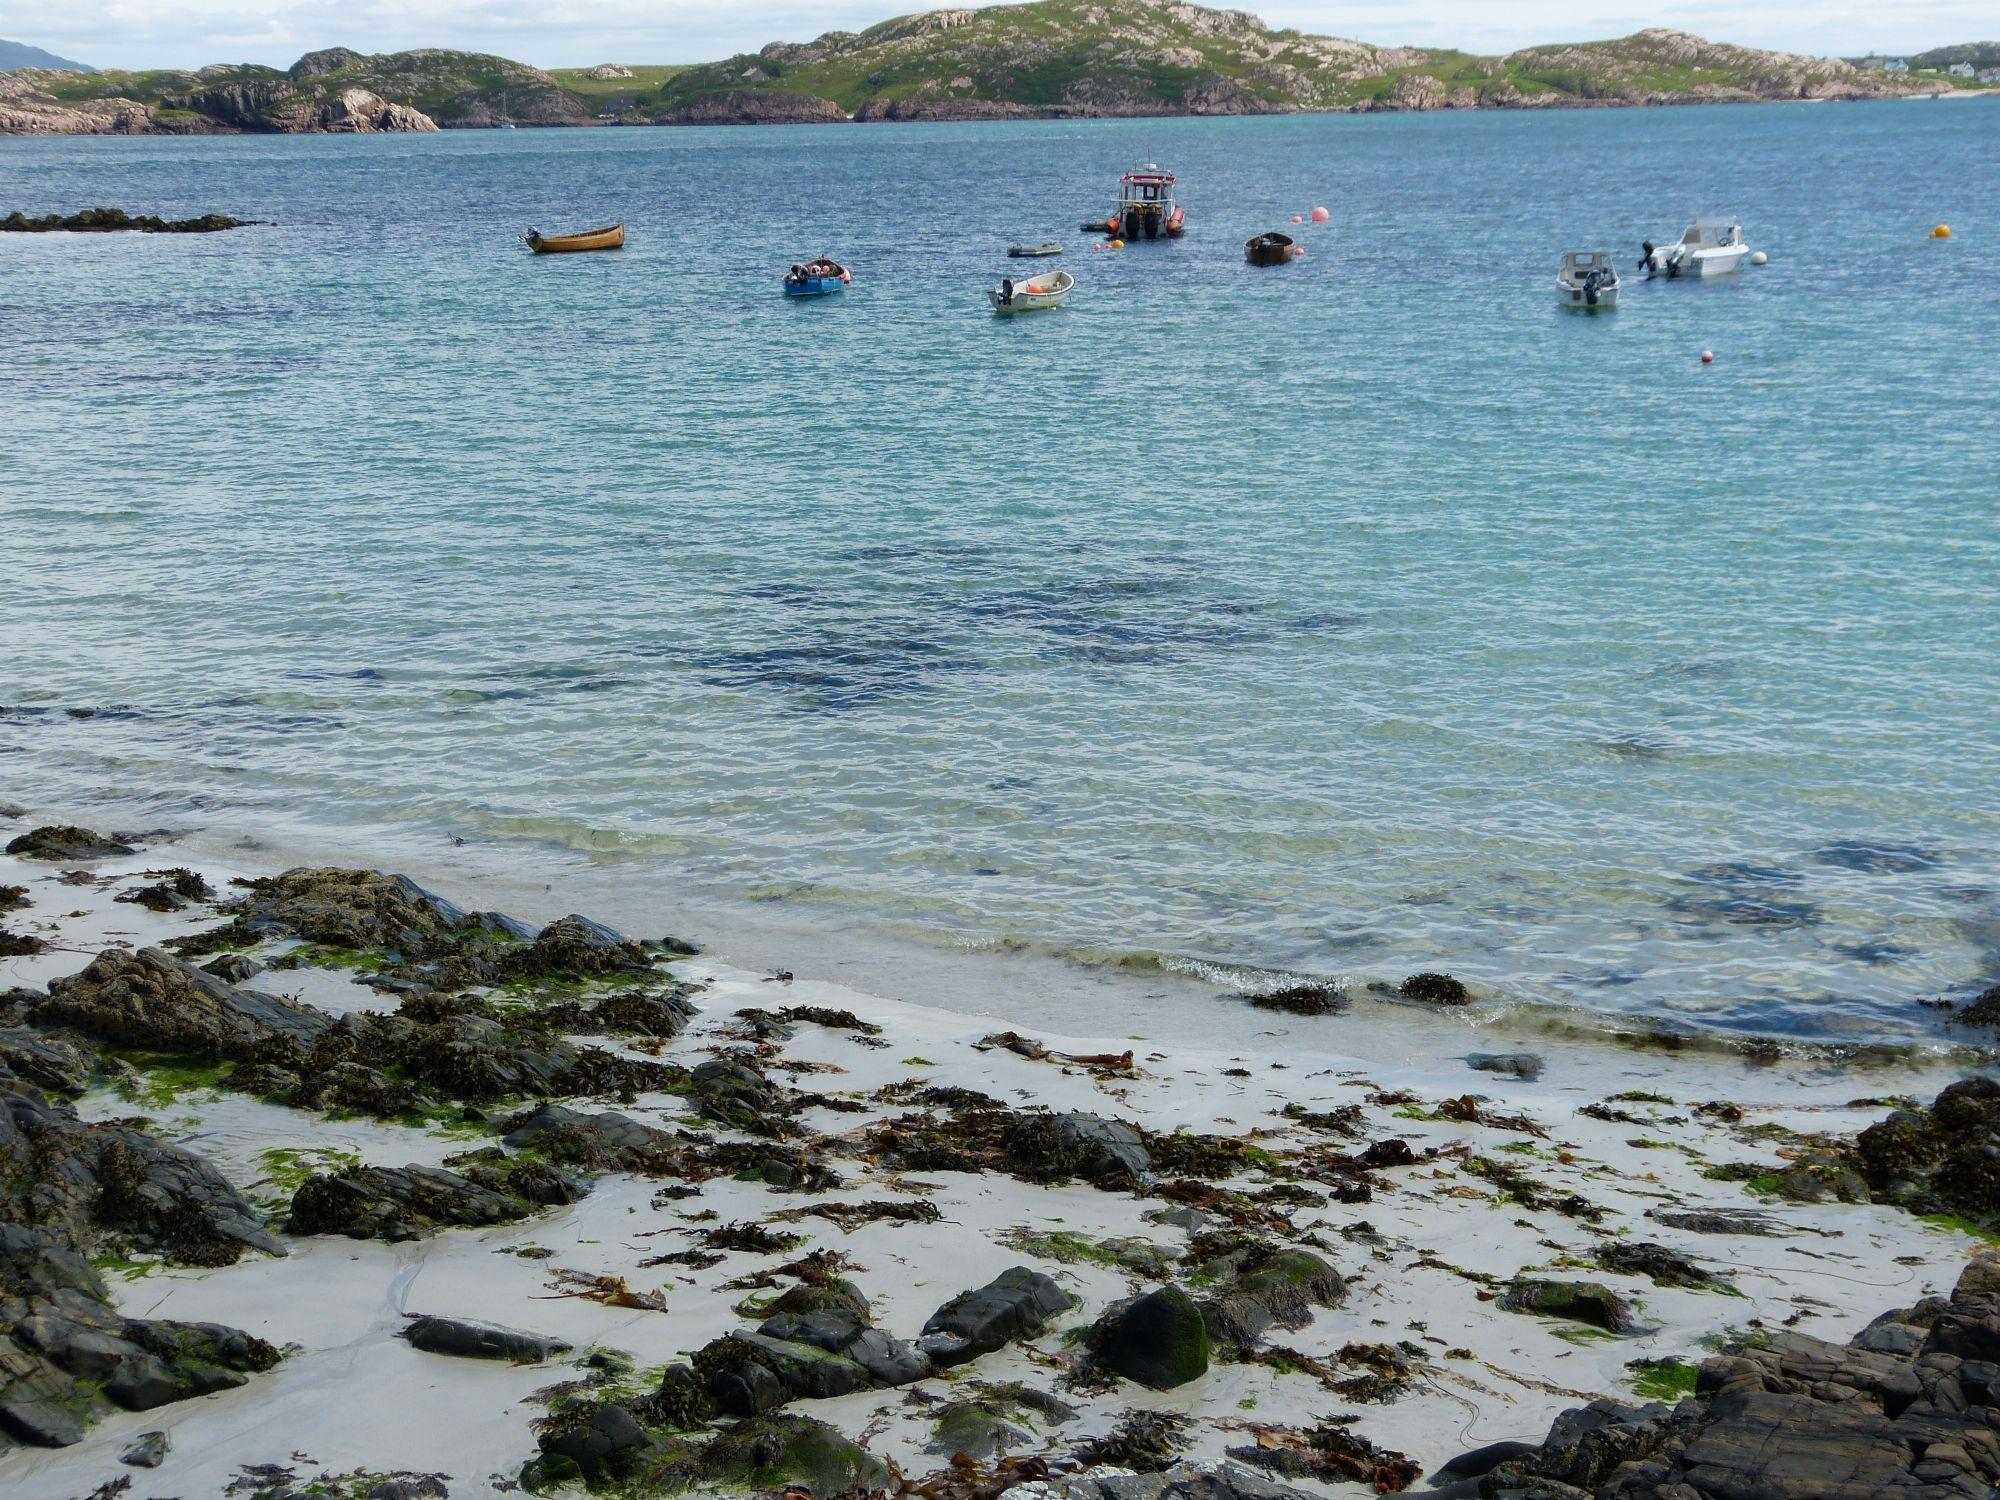 The beach on Iona